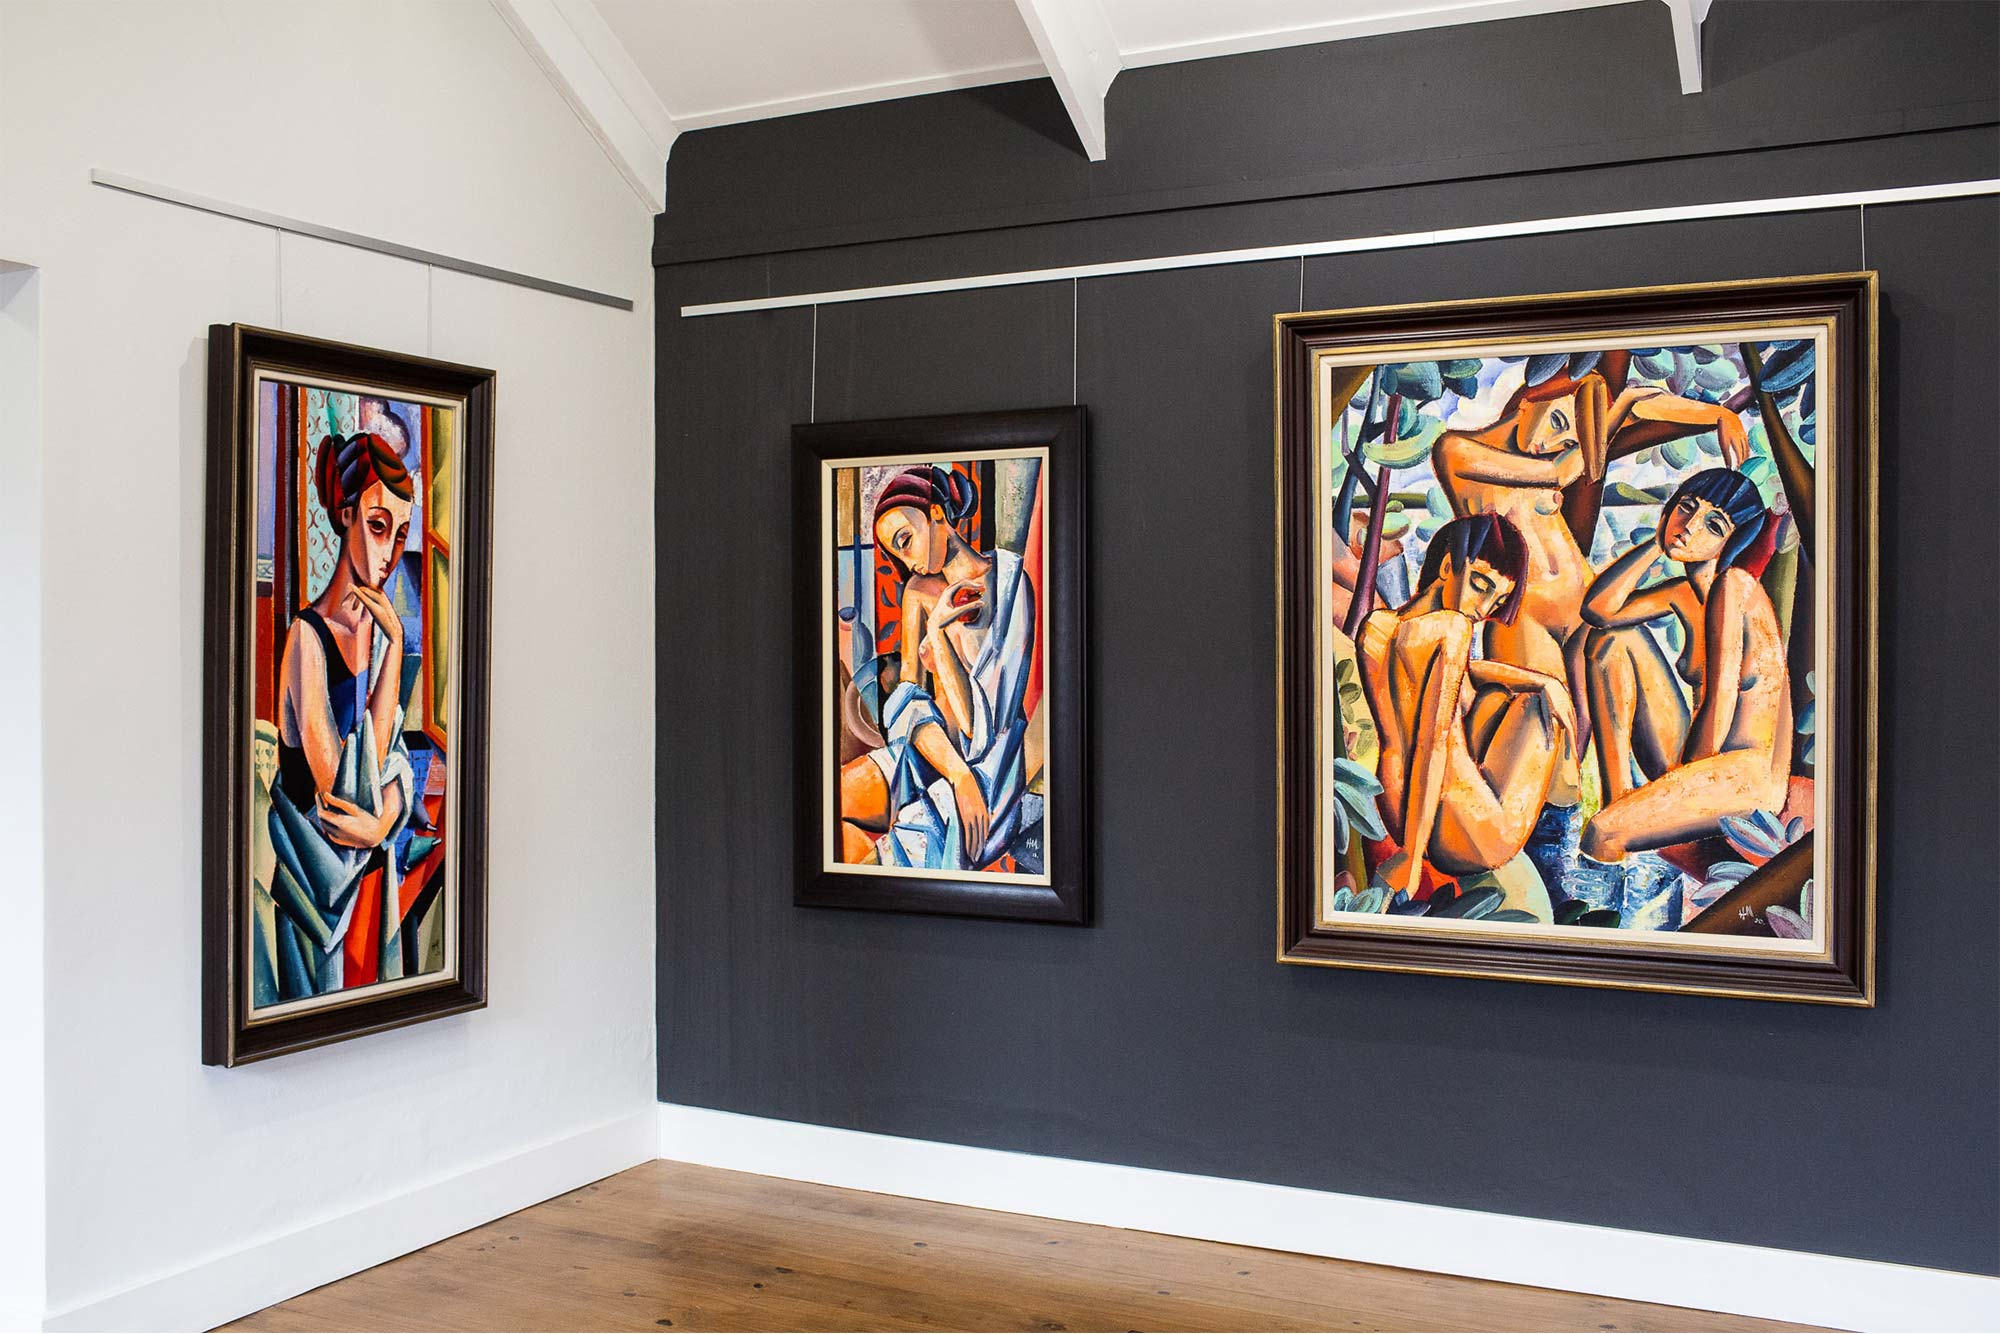 Hennie Niemann jnr exhibition 2020